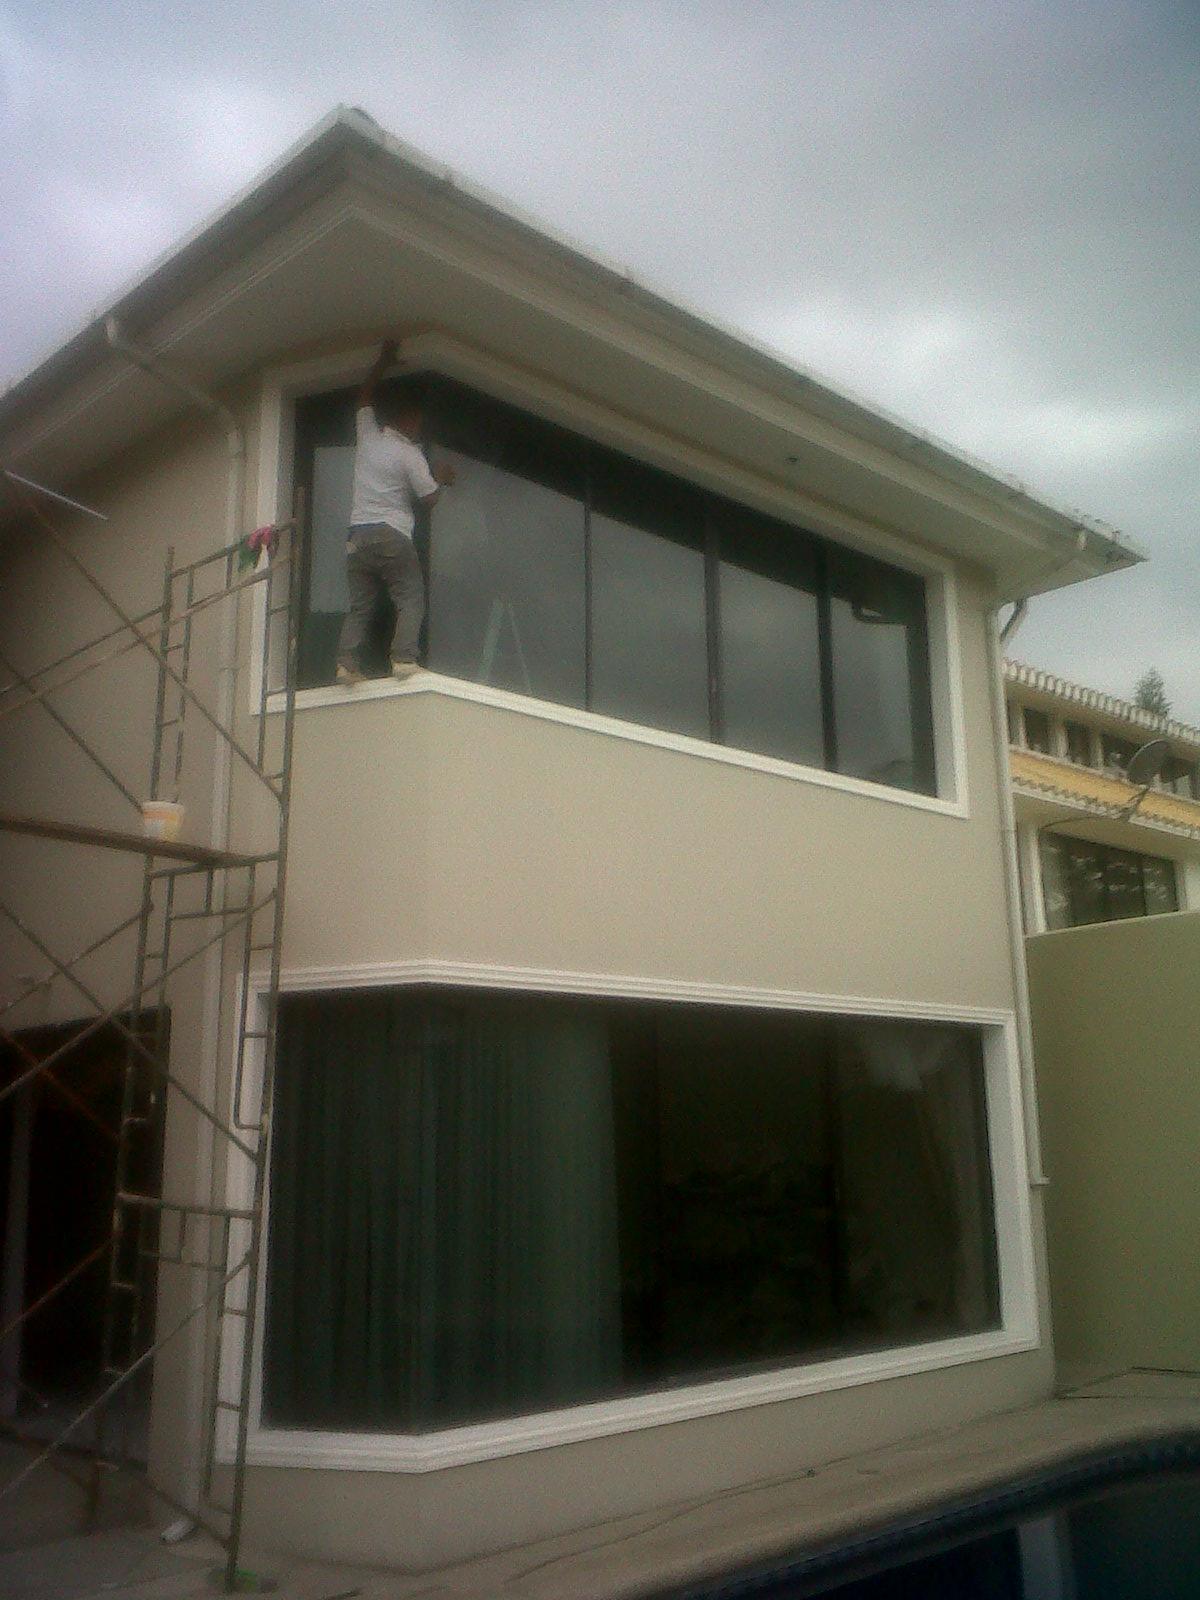 Limpieza de casa en guayaquil samcleaning 2 814904 - Limpieza en casa ...